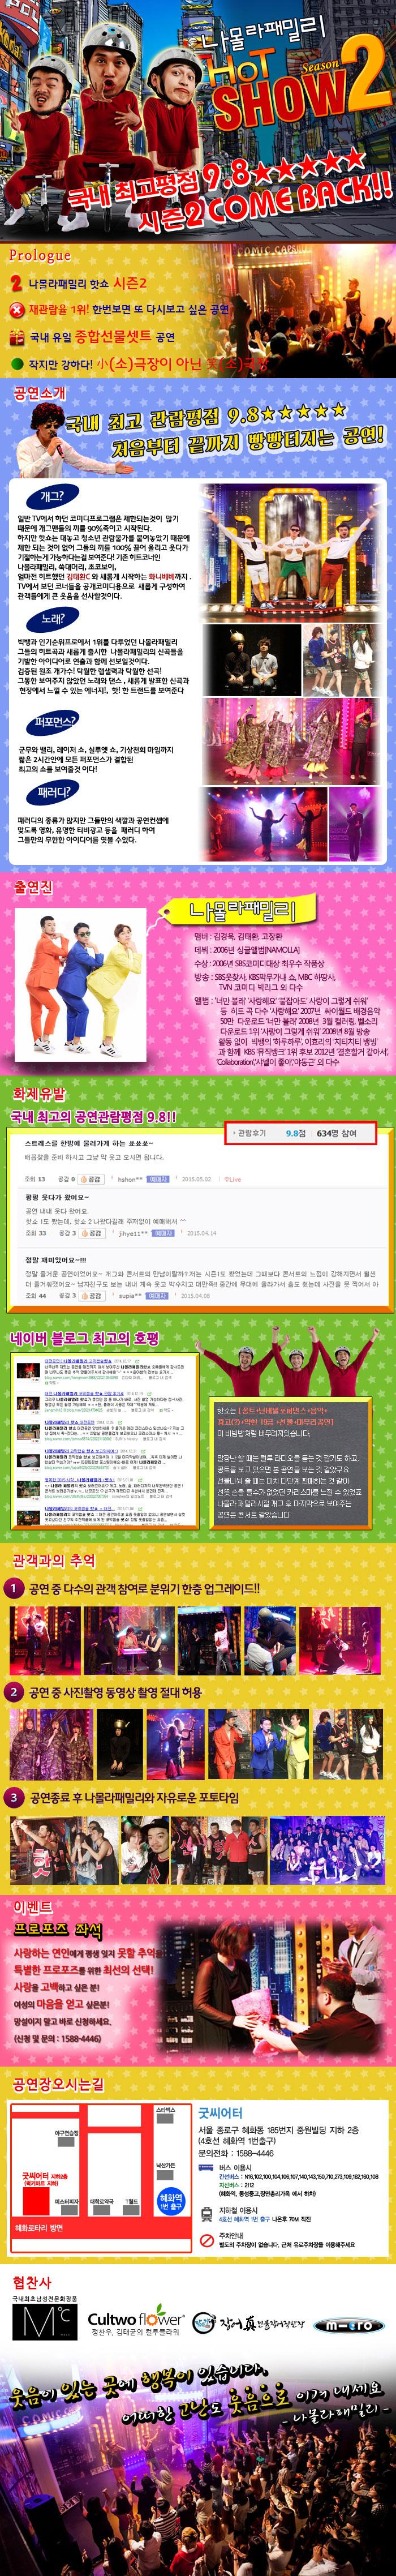 나몰라패밀리 HOT SHOW 시즌2 굿씨어터 서울 종로구 혜화동 185번지 중원빌딩 지하 2층